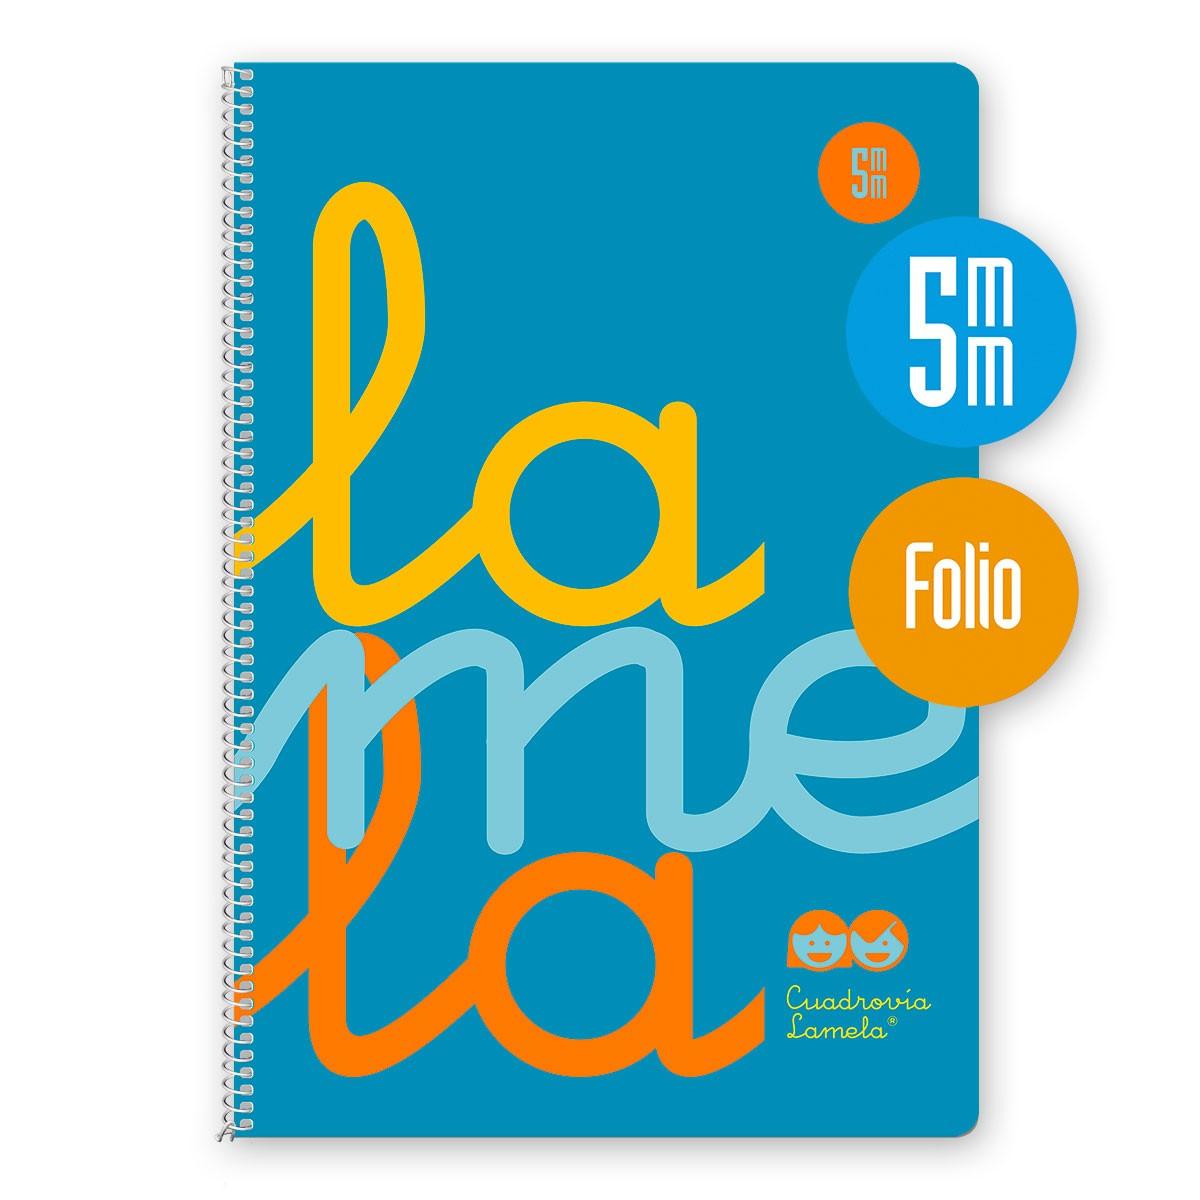 Cuaderno Espiral Folio 80 Hojas, 90 Grs. Cubierta Polipropileno Fluor. AZUL. Cuadrovía 5mm.